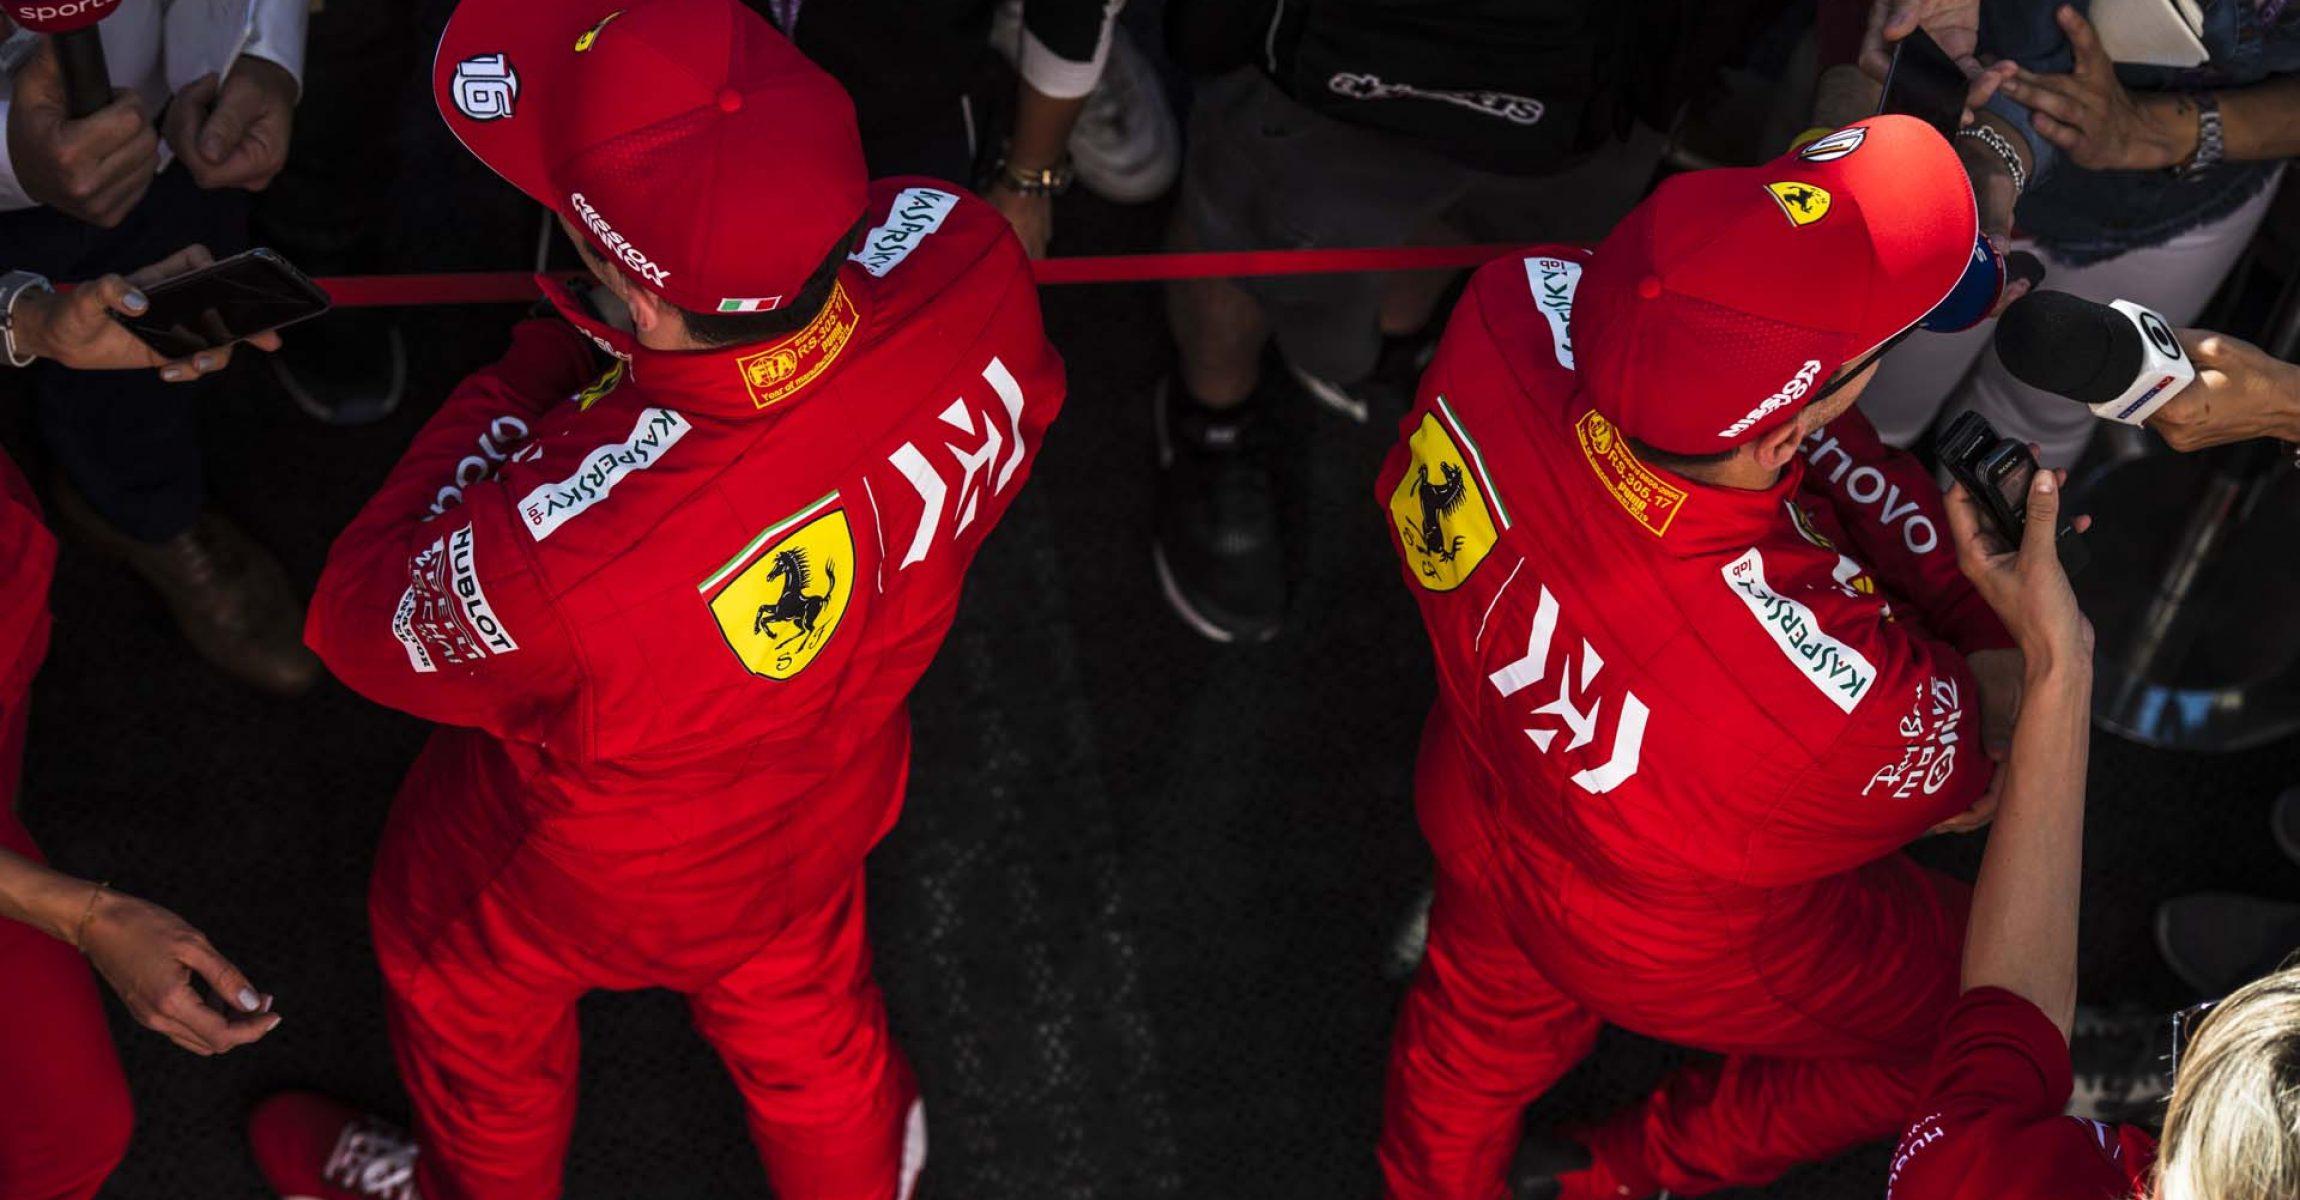 Barcelona, Spain, Sebastian Vettel Ferrari Charles Leclerc